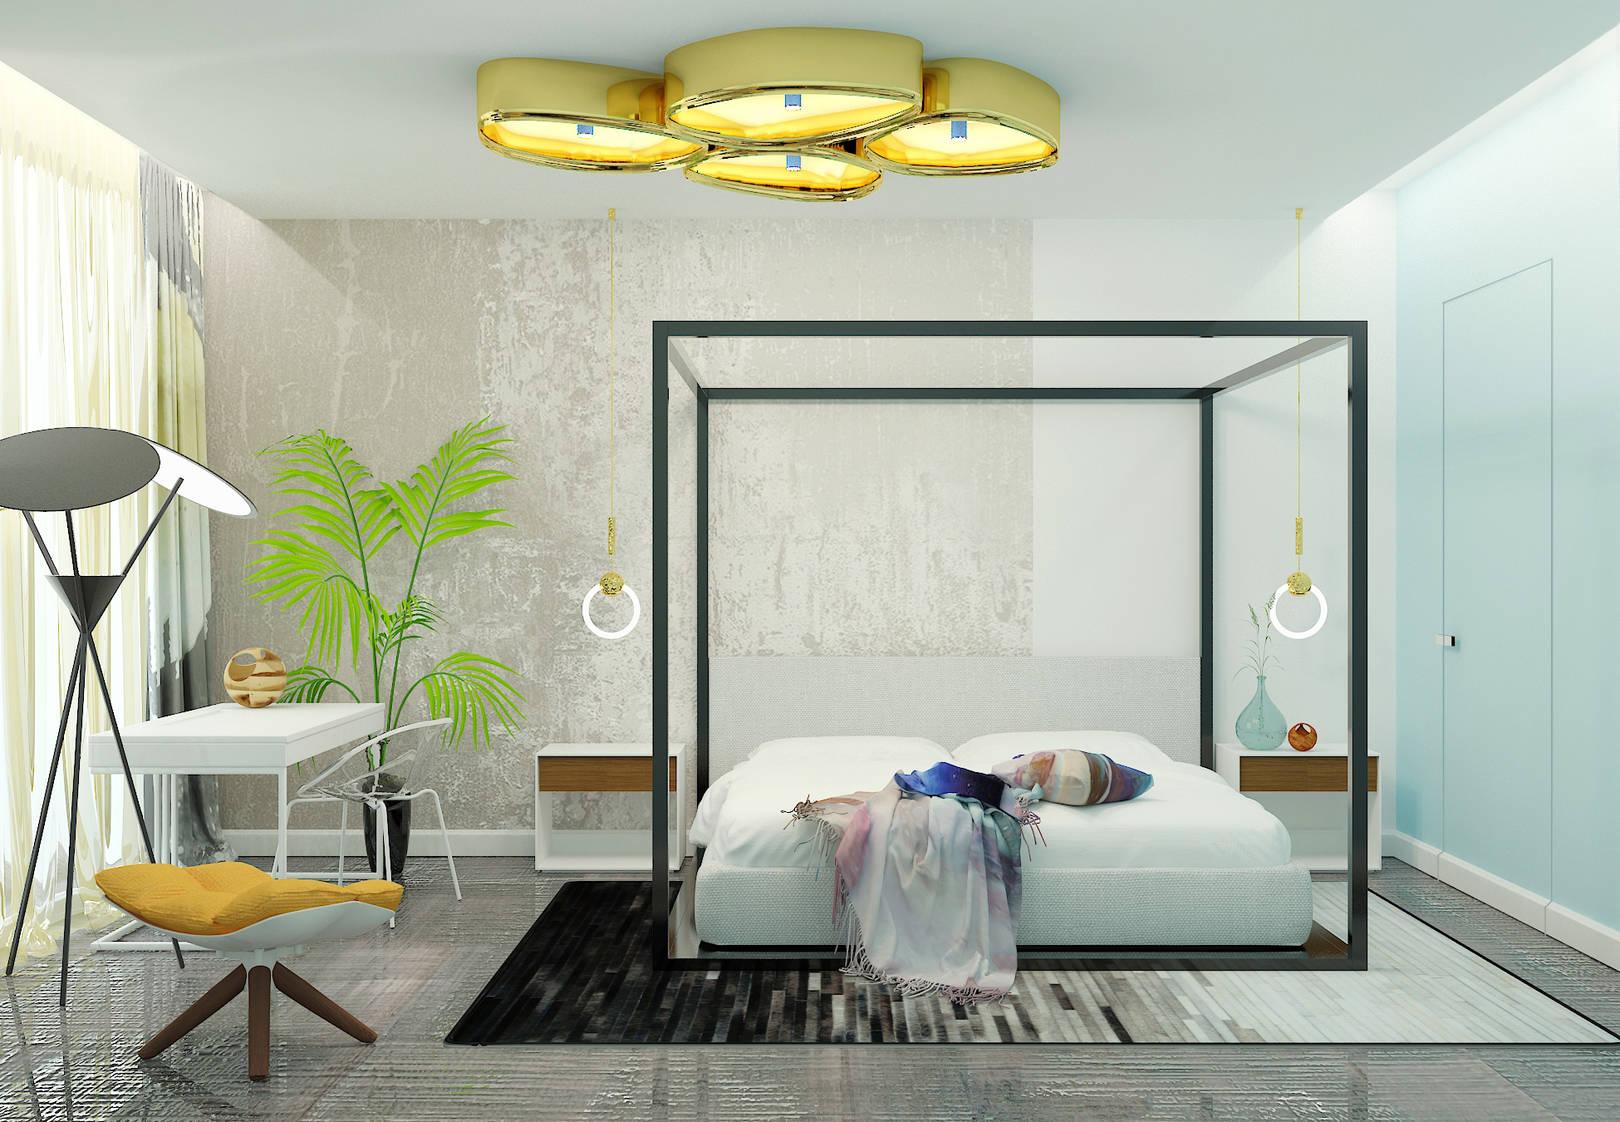 Дизайн интерьера номера в отеле с использованием принта для конкурса HEIMTEXTIL. The interior design of rooms at the hotel with the use of the print for the competition HEIMTEXTIL.